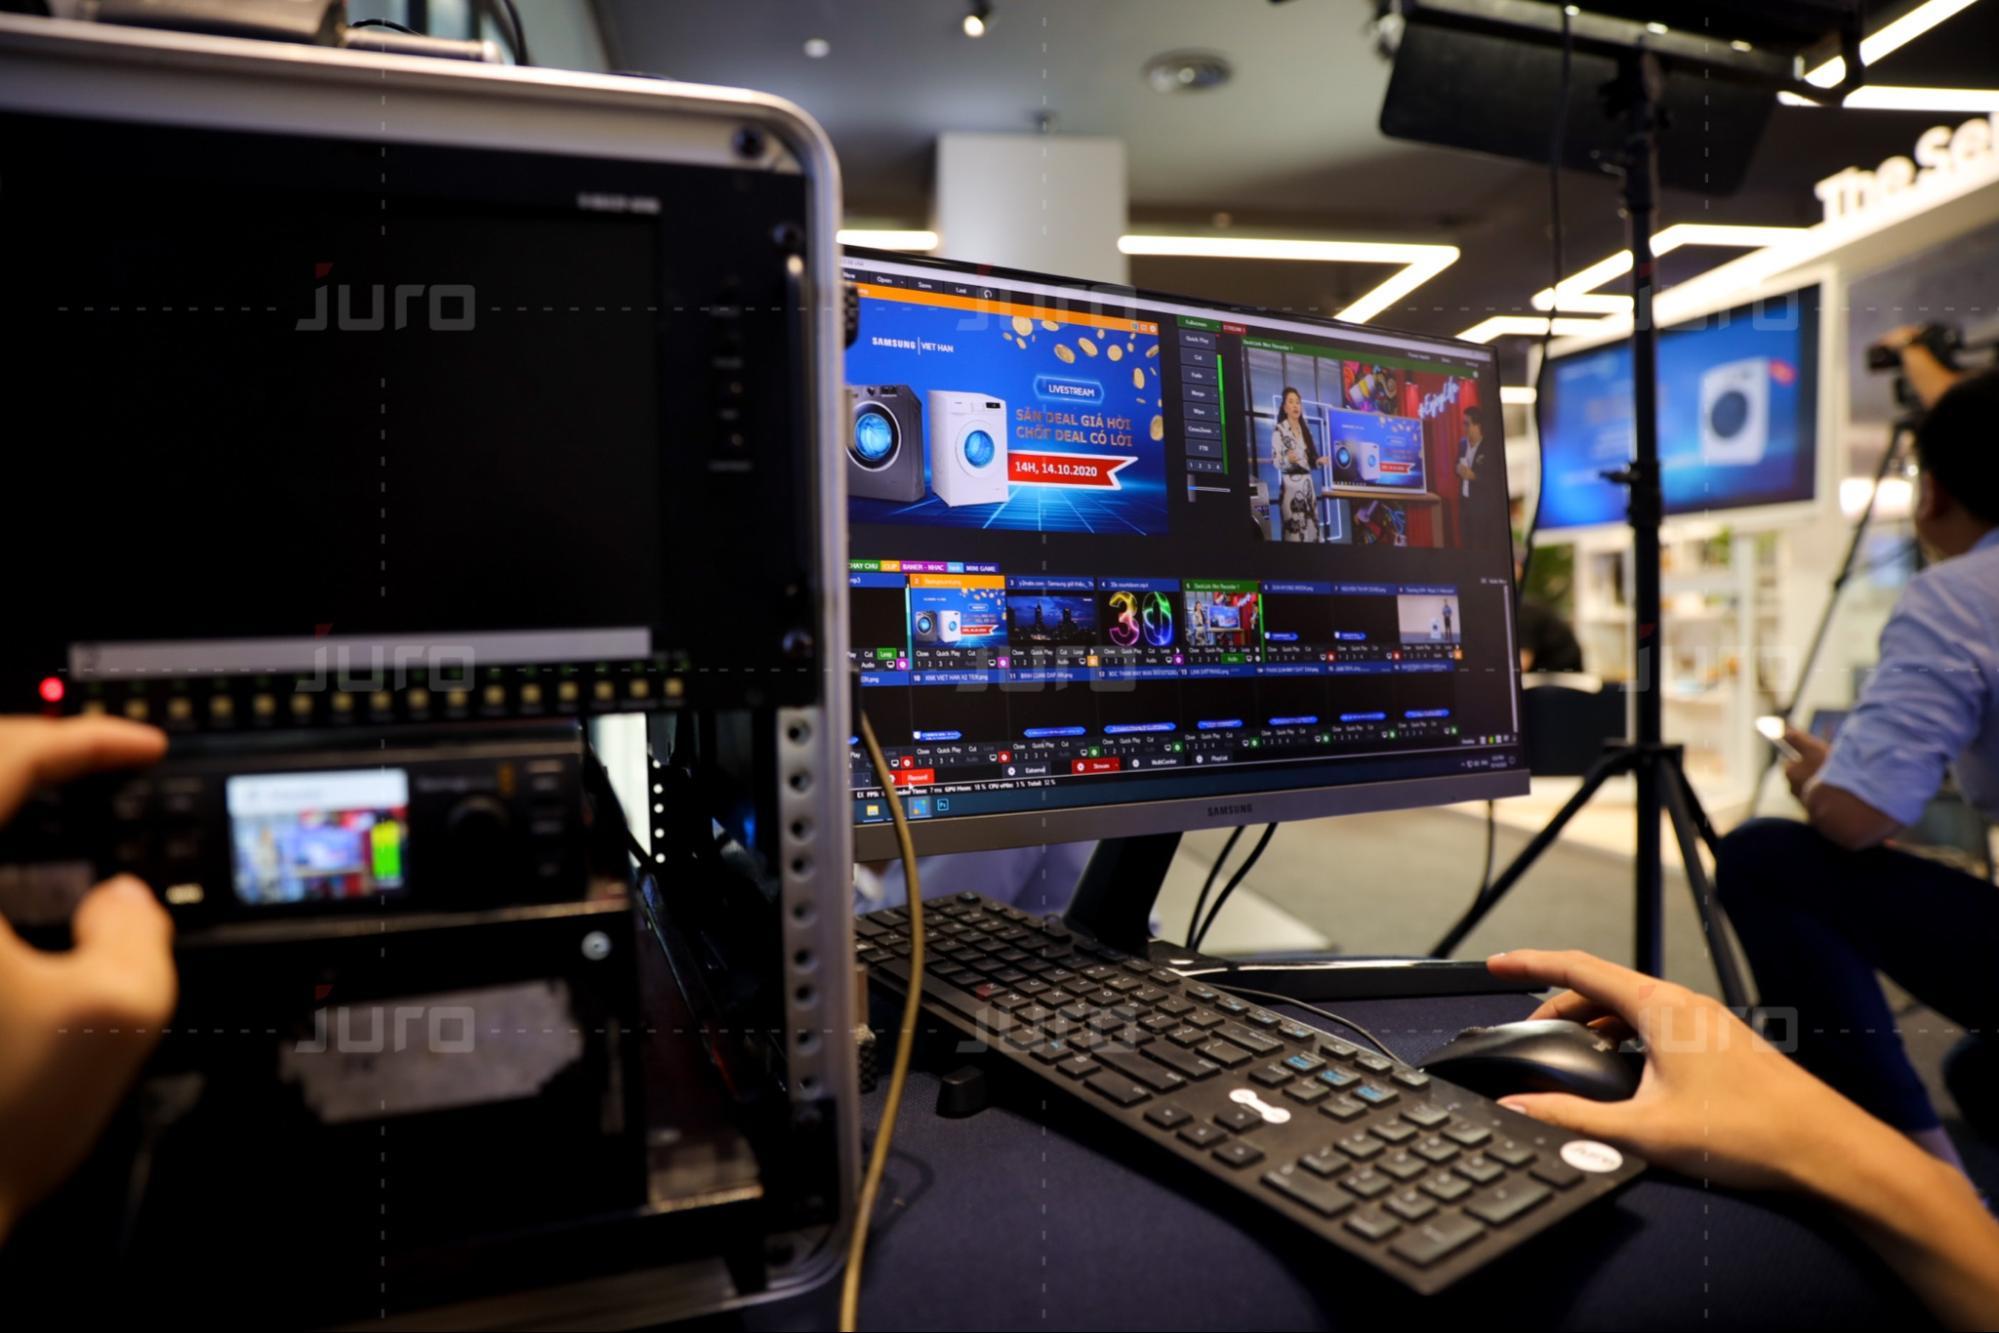 Xu hướng Livestream chuyên nghiệp mang lại nhiều lợi ích